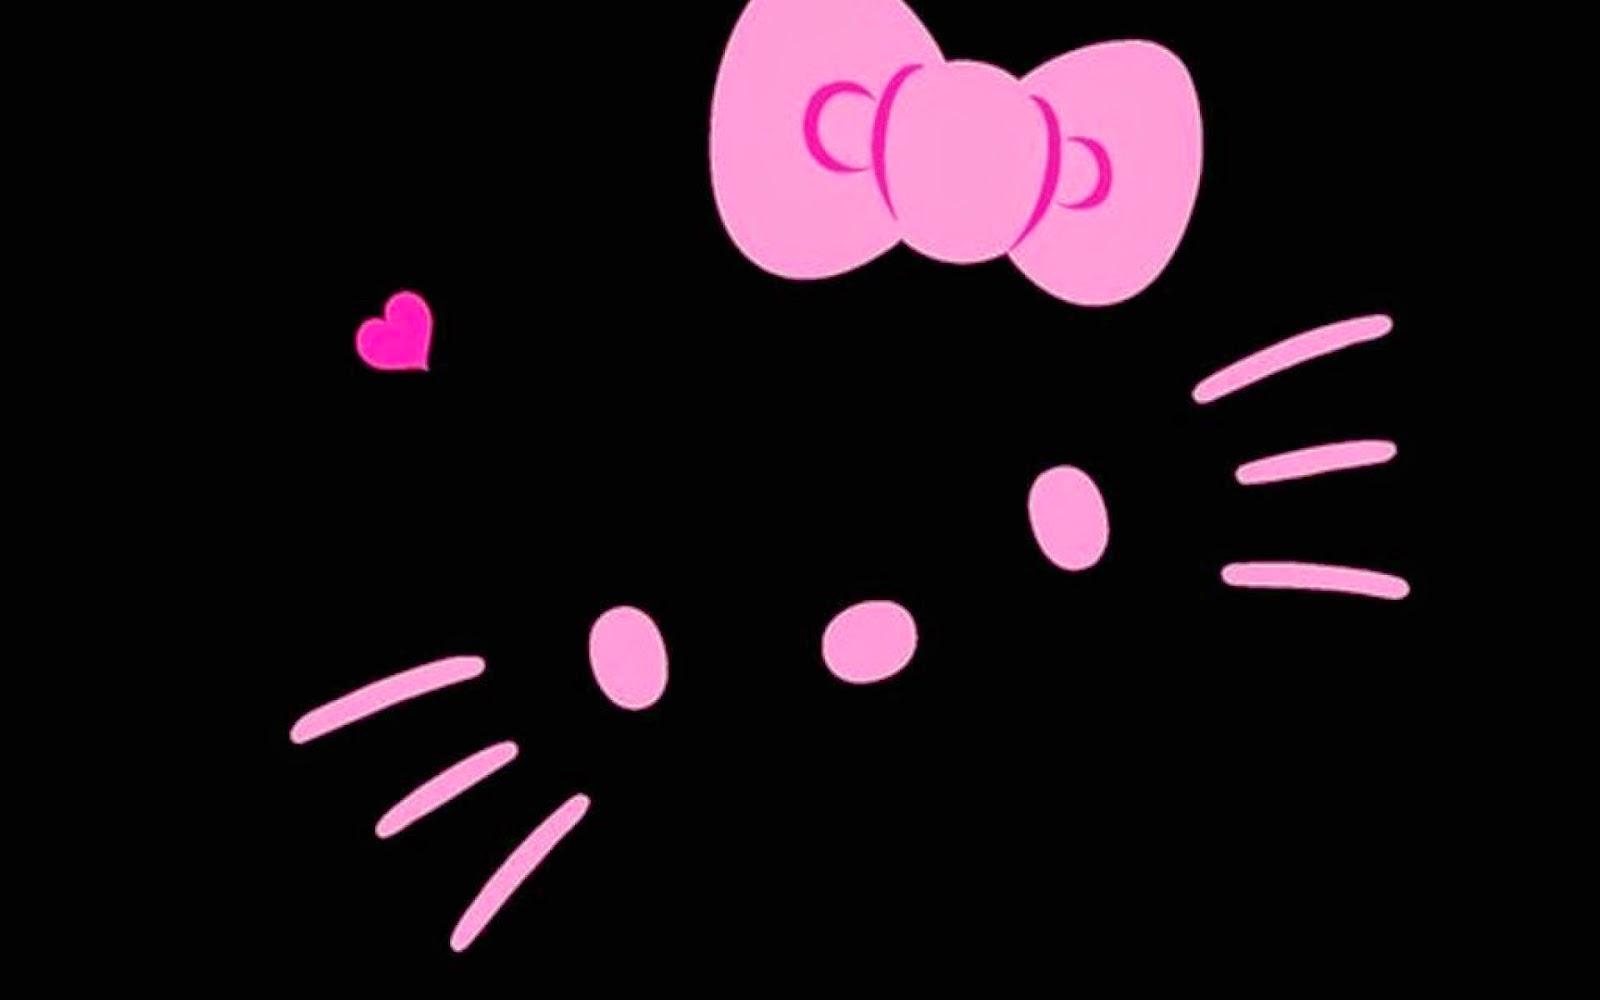 Kumpulan Gambar Wallpaper Terlengkap Gambar Hello Kitty